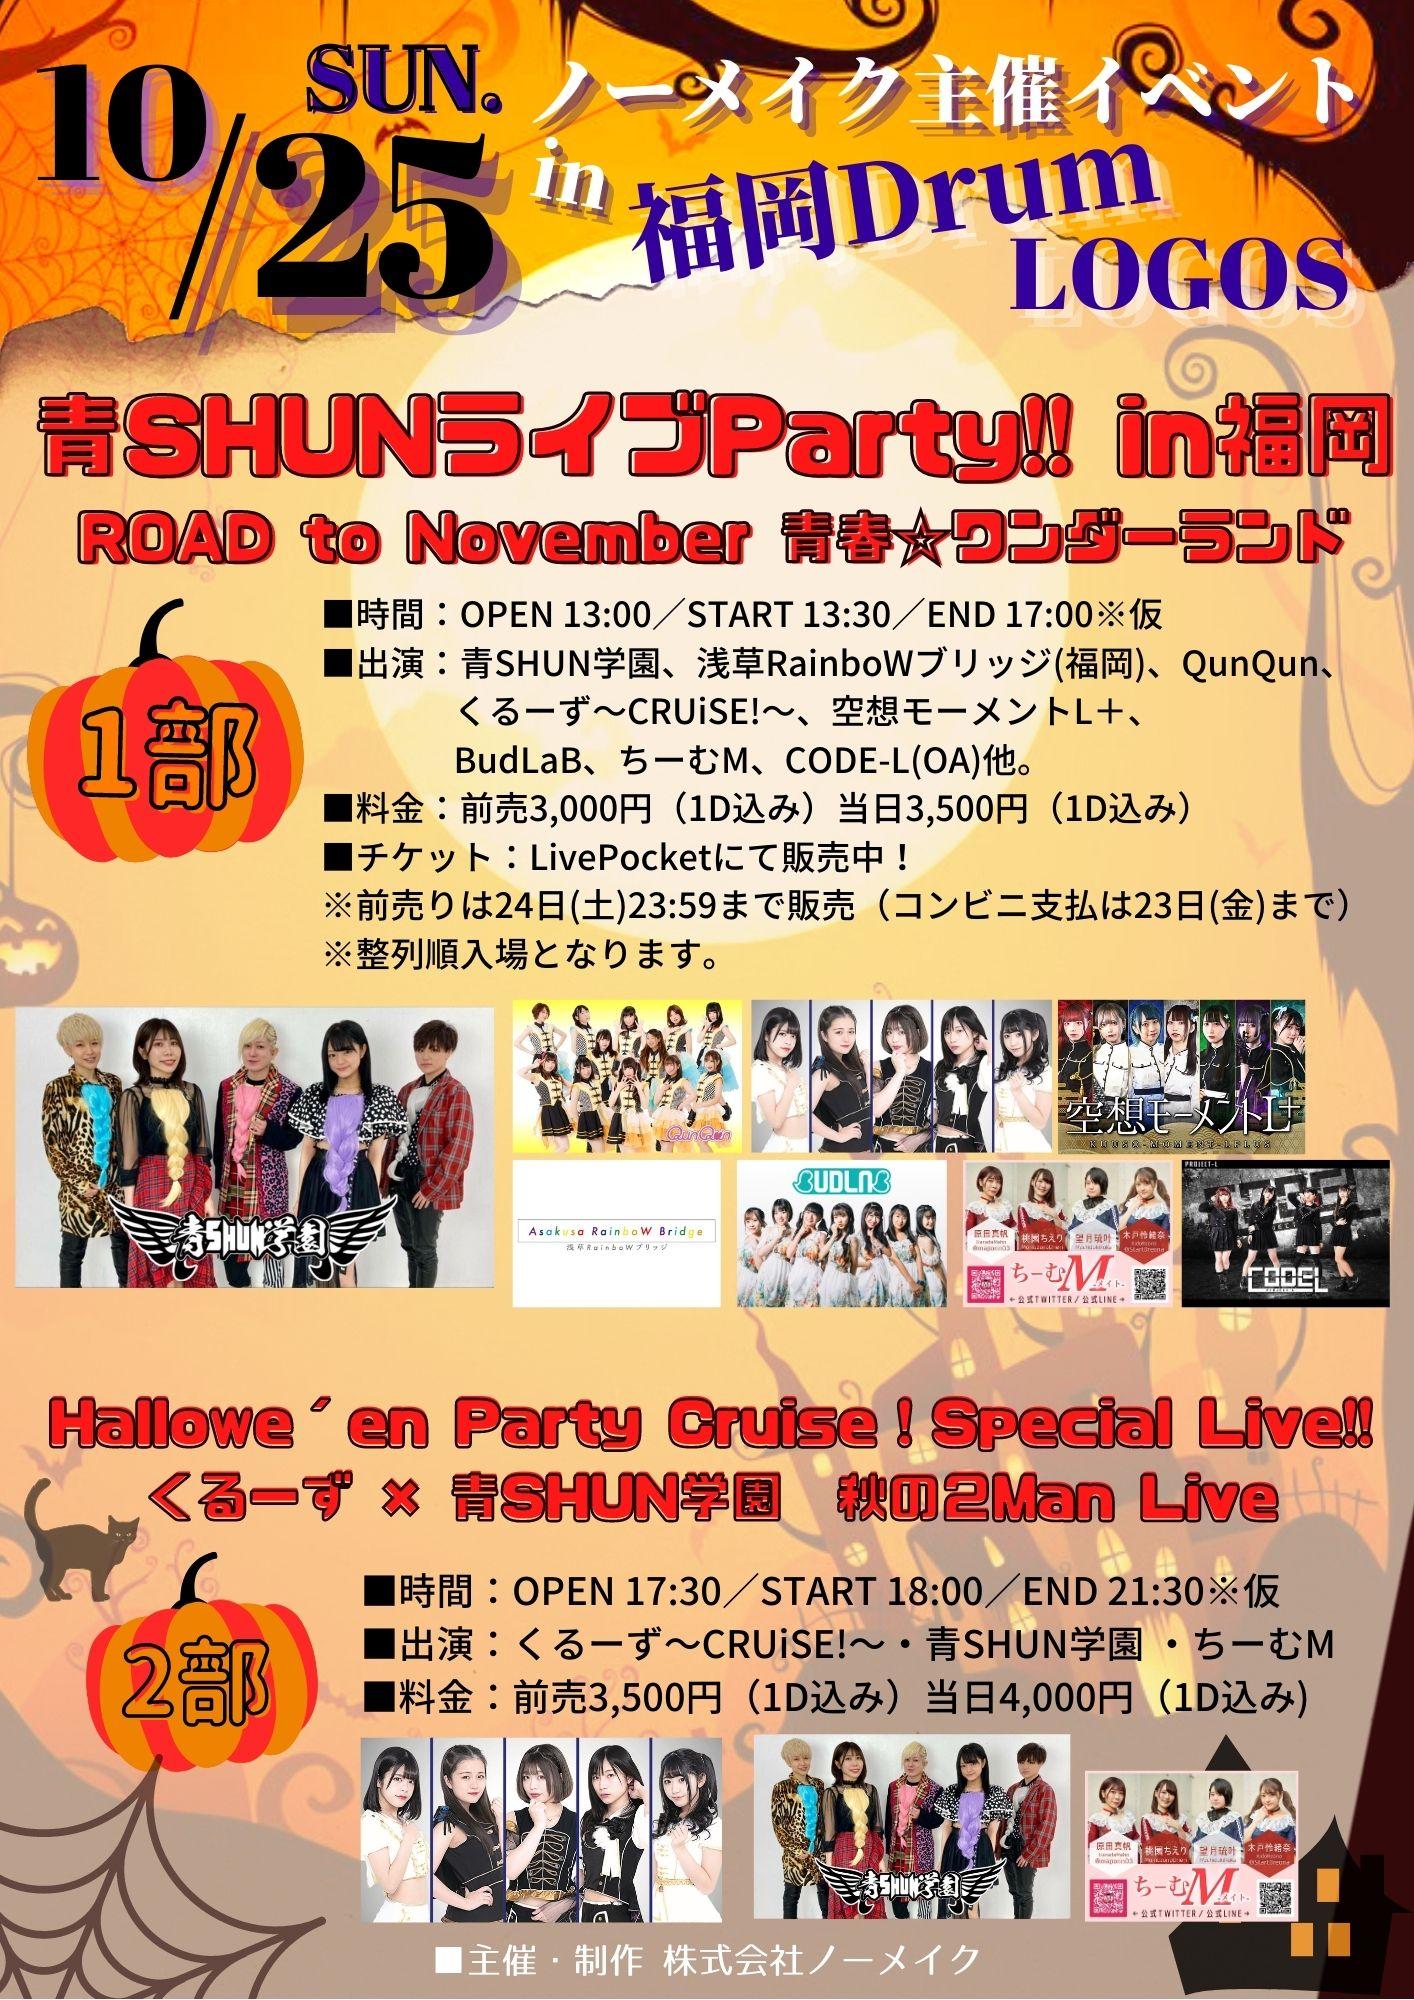 【1部】10/25(日)「ノーメイク主催イベント」in 福岡Drum XXX